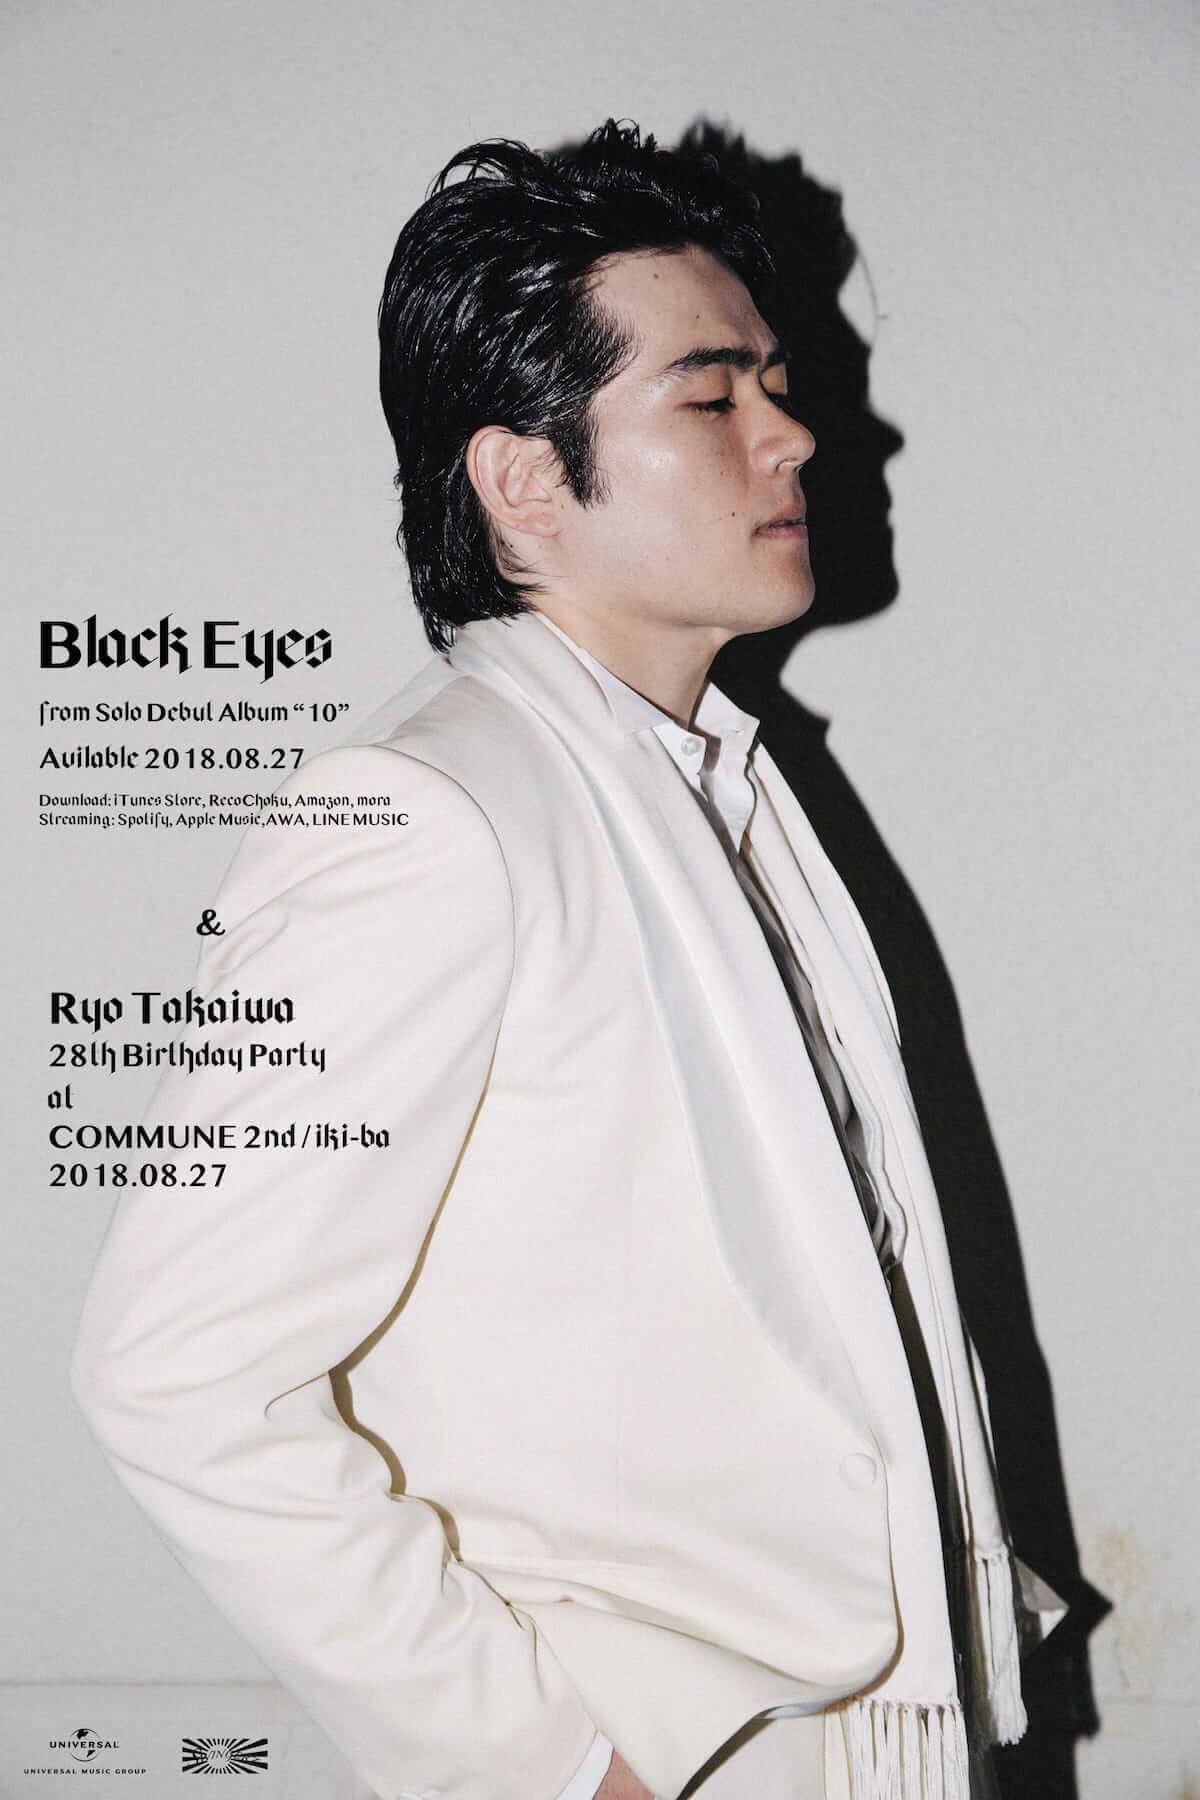 高岩遼、11月3日「レコードの日」に7インチEPの限定リリース決定! web_blskeyes2-1200x1800